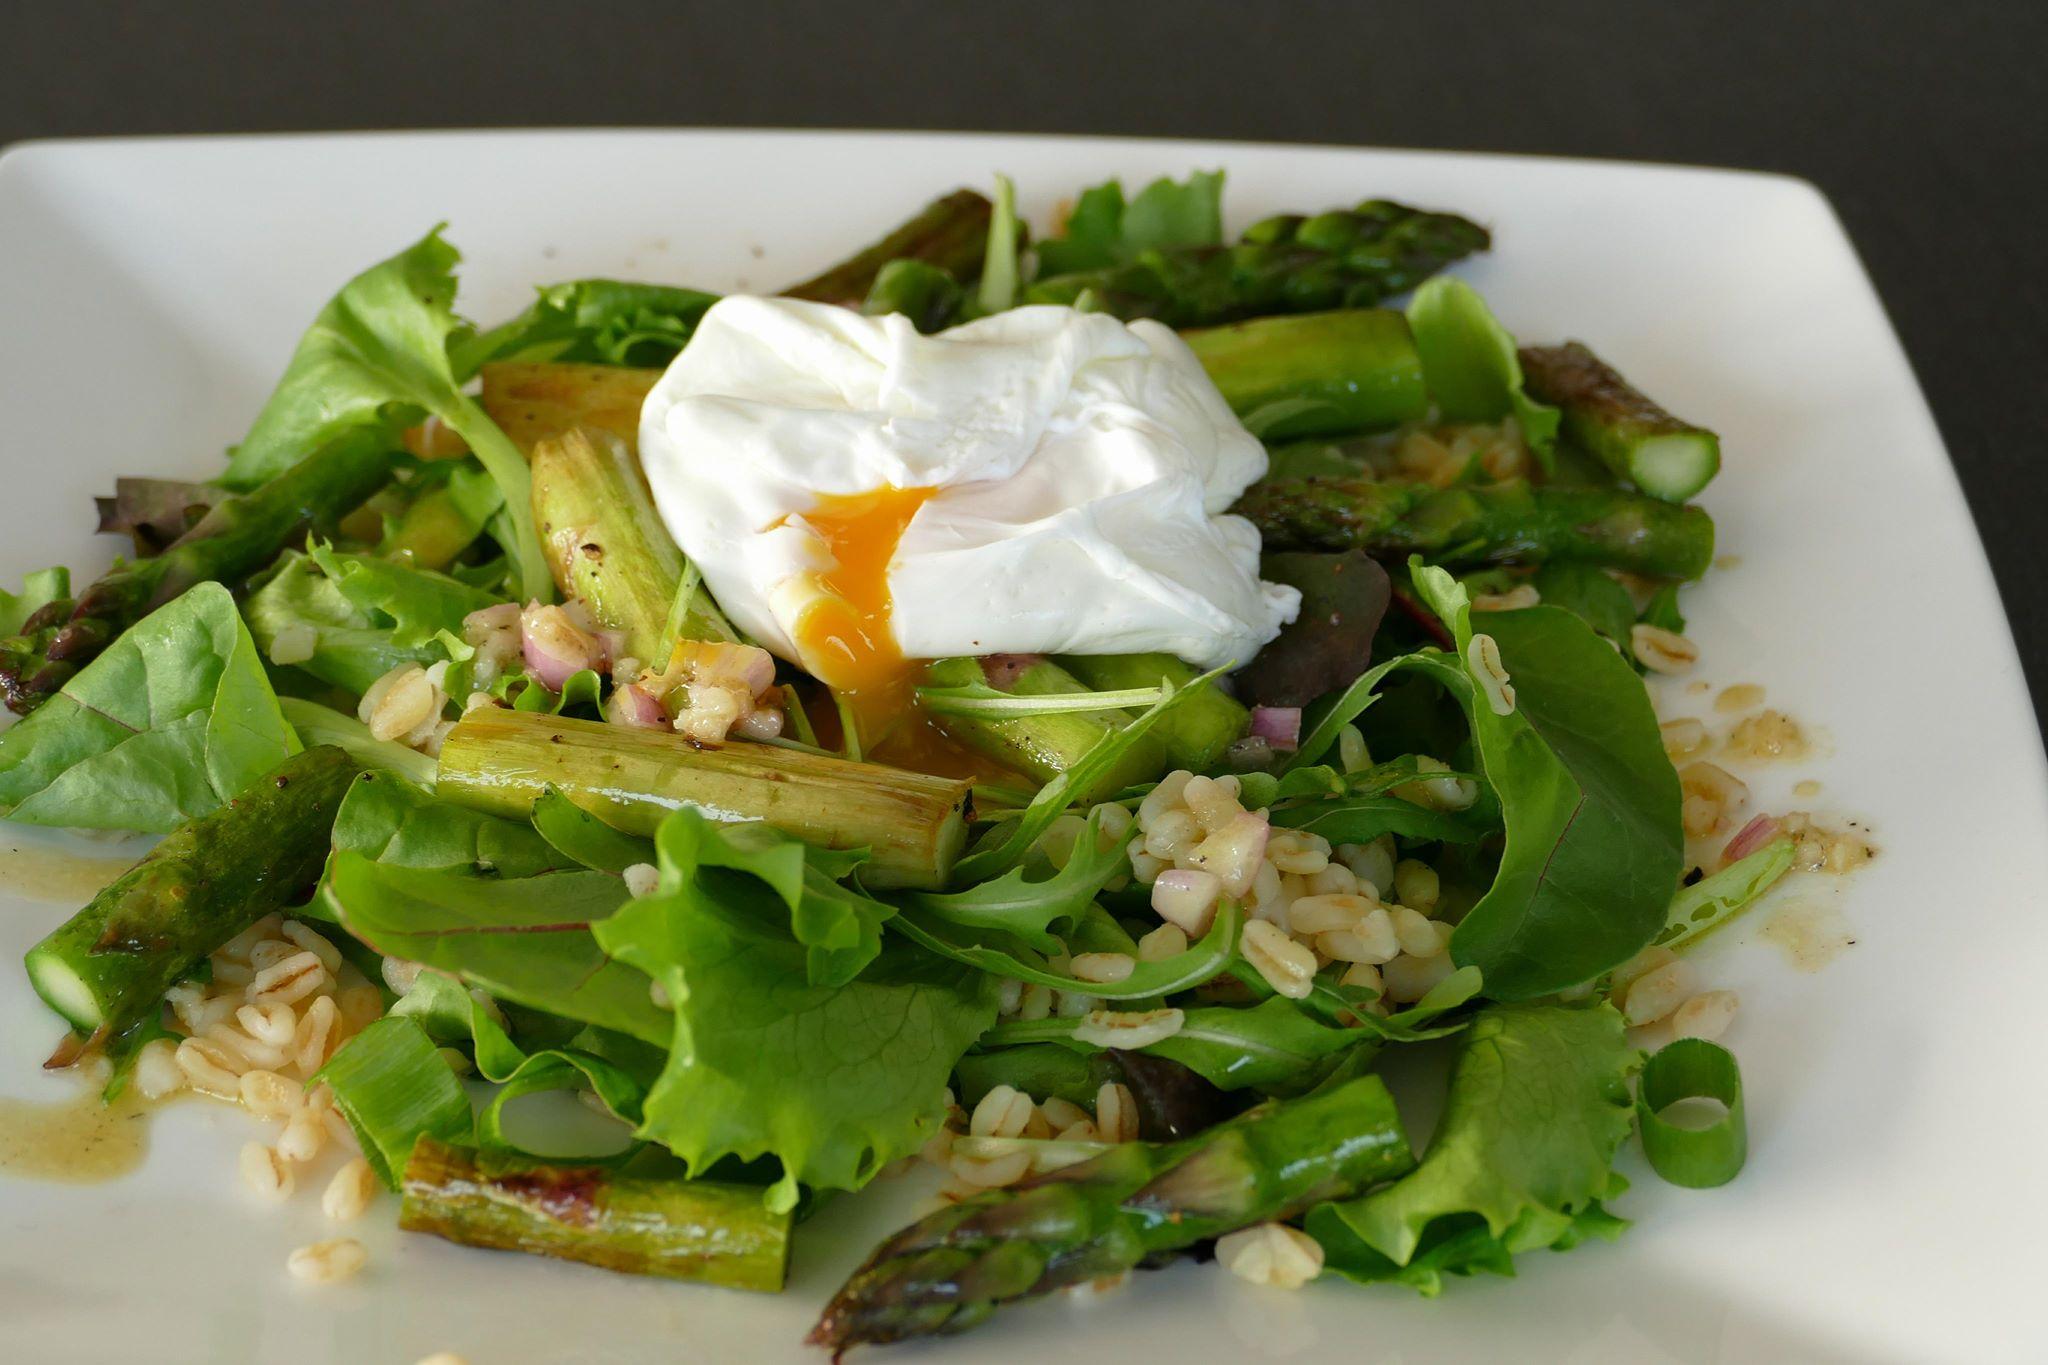 Slaatje met groene asperges, tarwe en een gepocheerd eitje